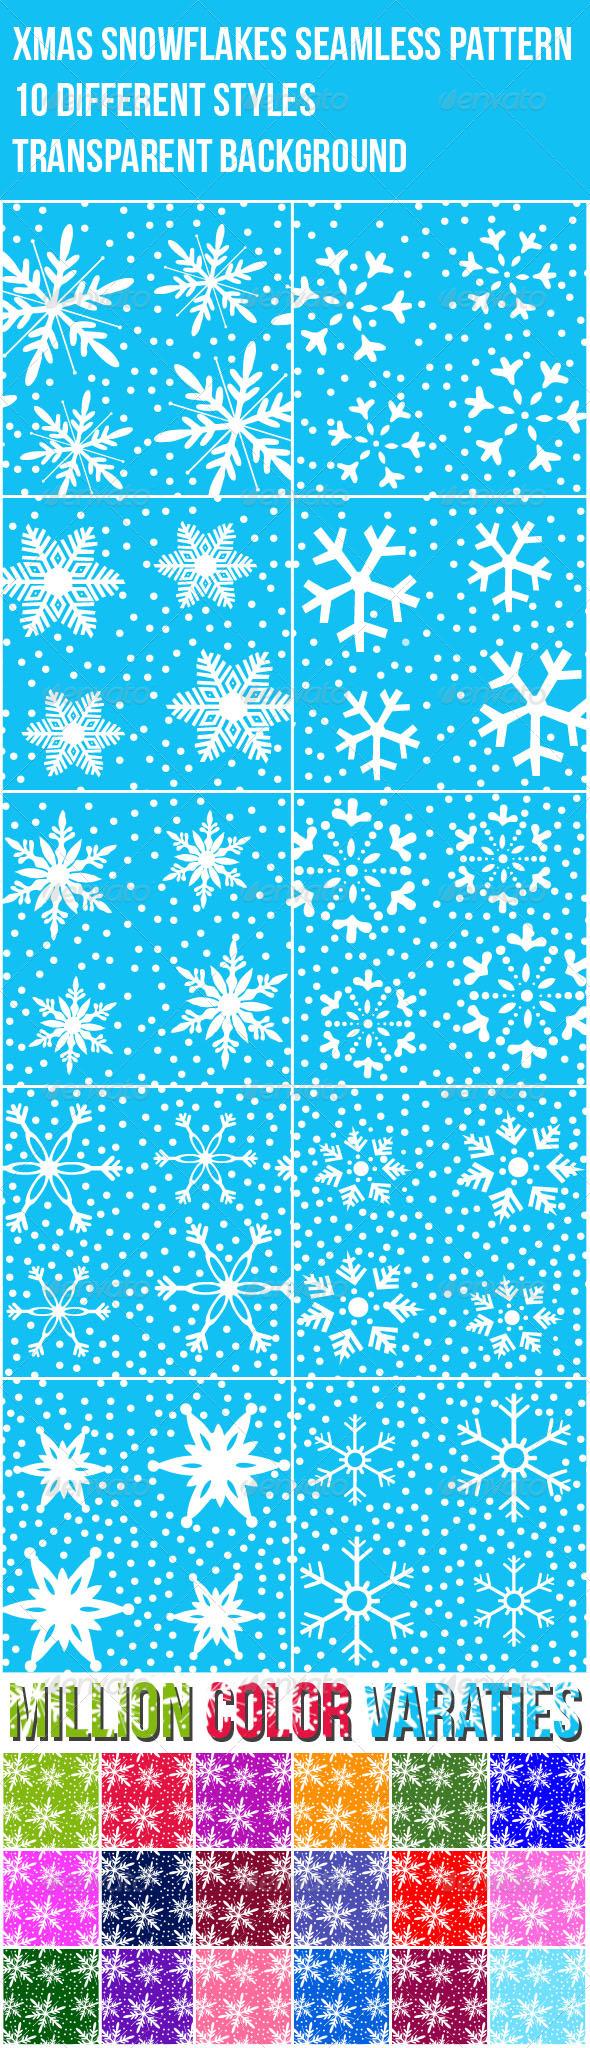 GraphicRiver Xmas Snowflakes Seamless Pattern 3303324